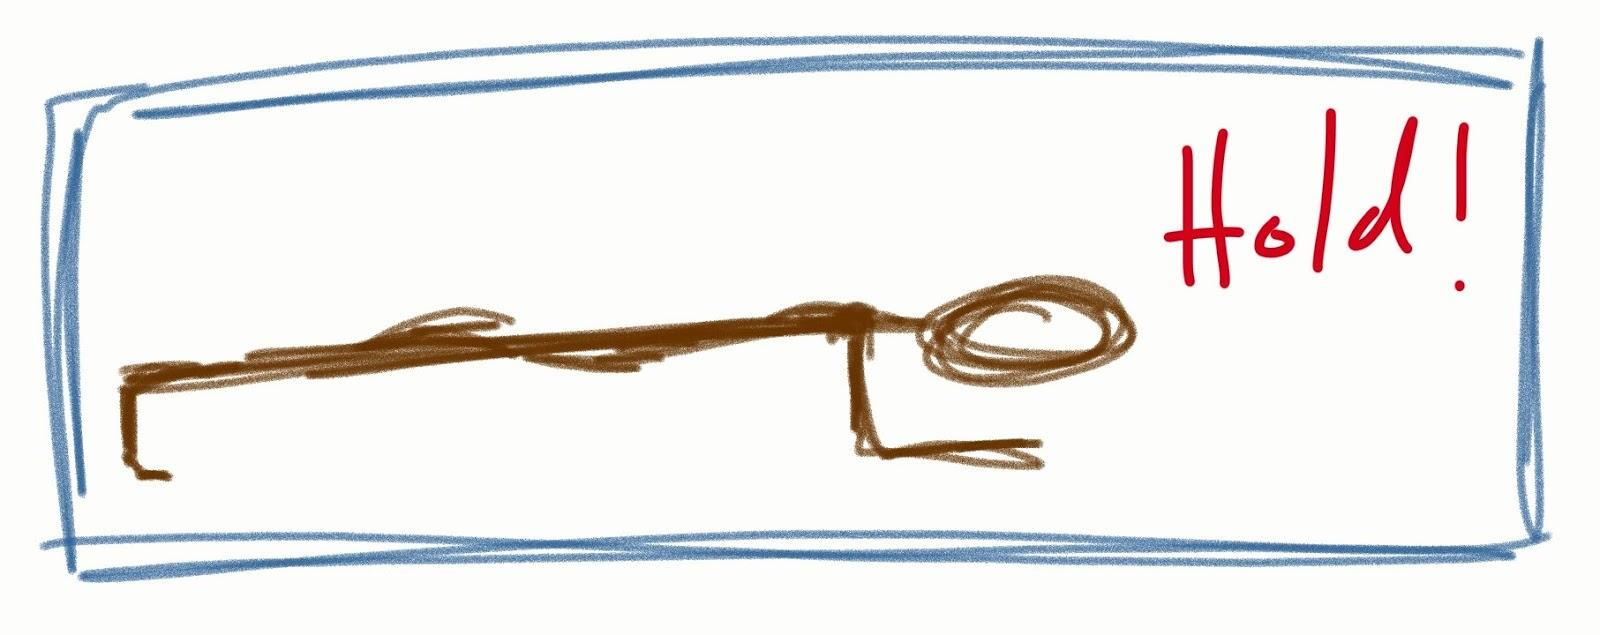 sketch-1453184411433.jpg